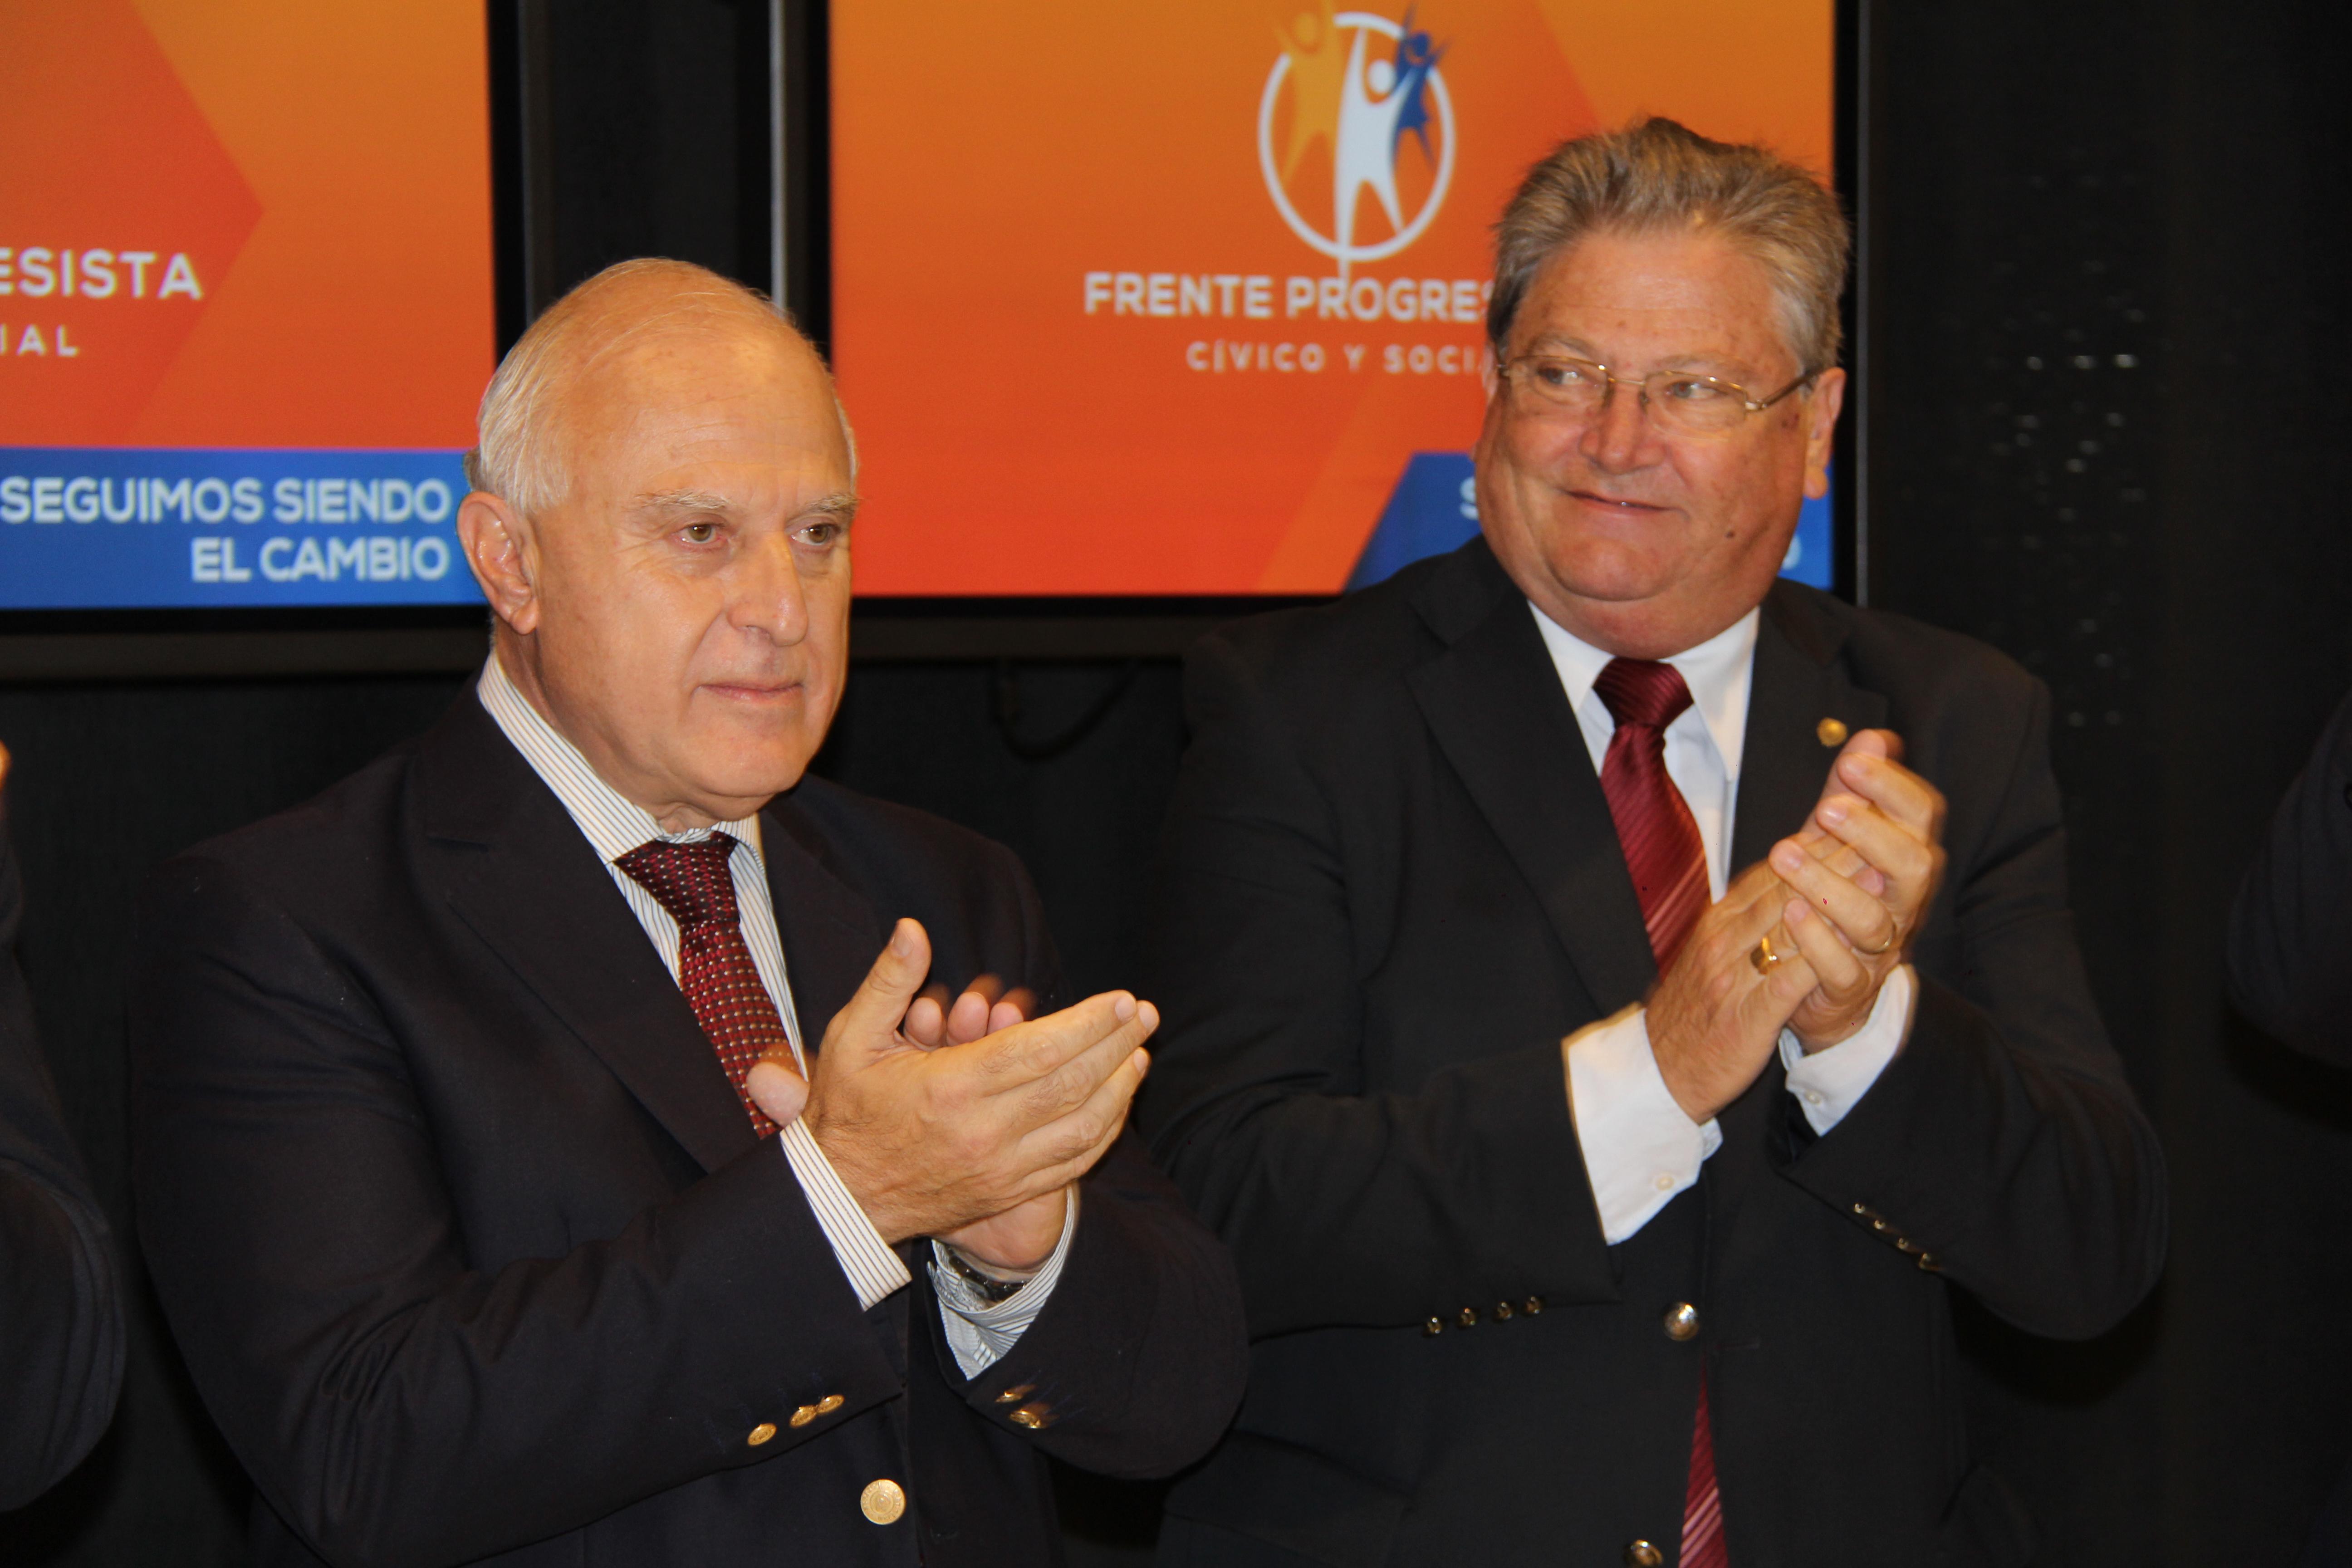 Lifschitz anunci su gabinete de ministros al margen web for Gabinete del ministro del interior